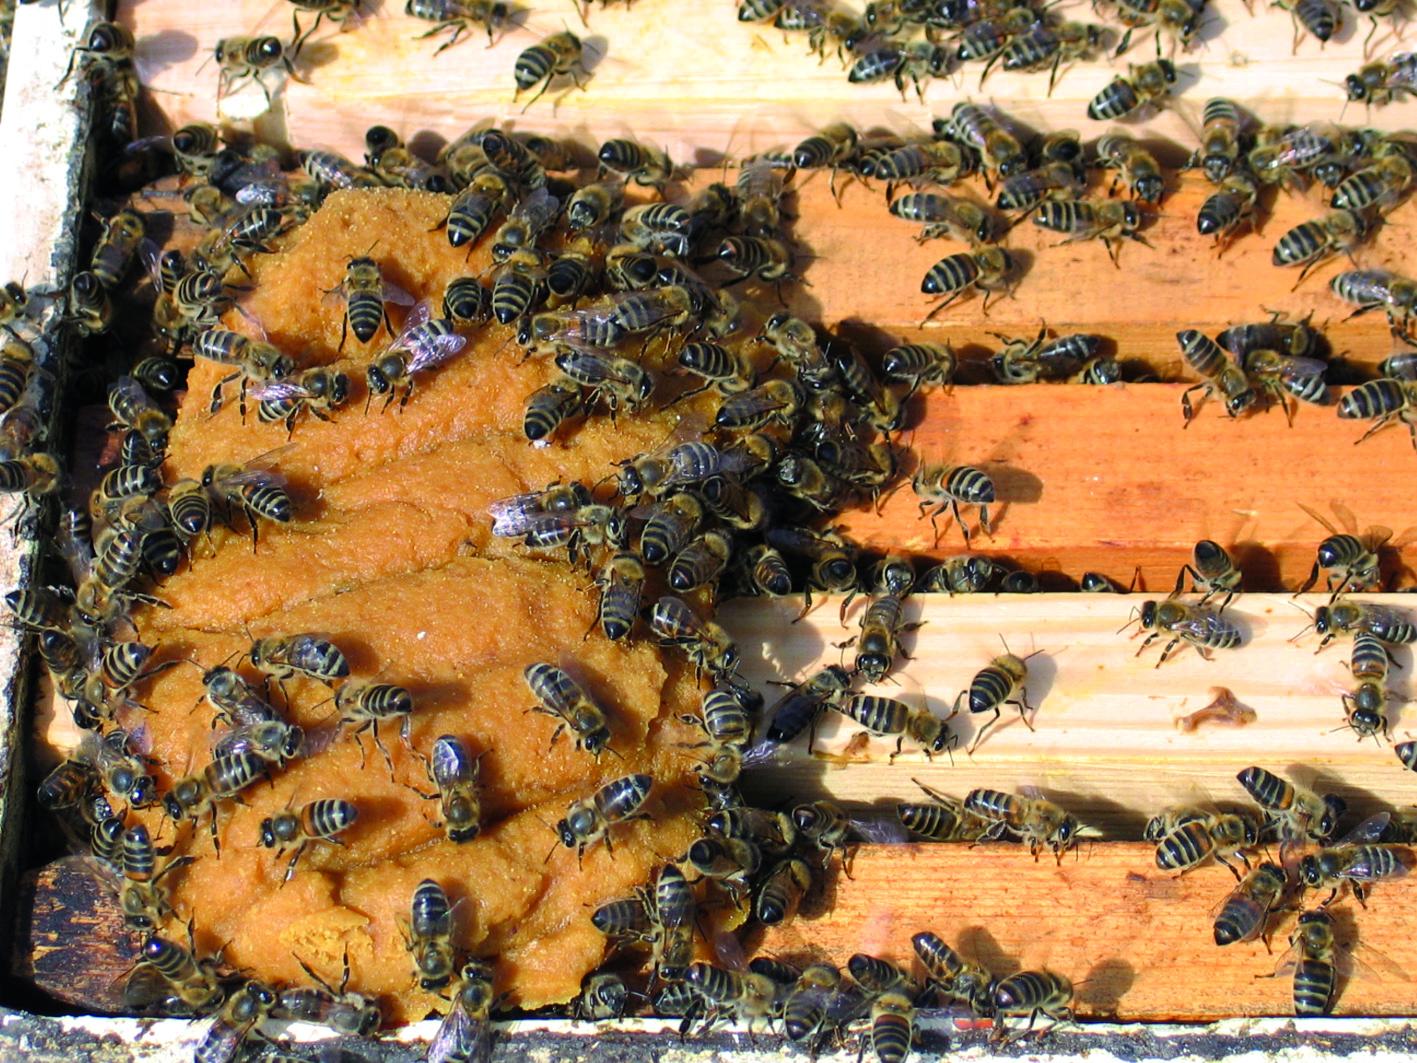 Εικόνα 5. Ένα υποκατάστατο γύρης πρέπει να είναι ελκυστικό στη μέλισσα και να έχει υψηλή θρεπτική αξία.